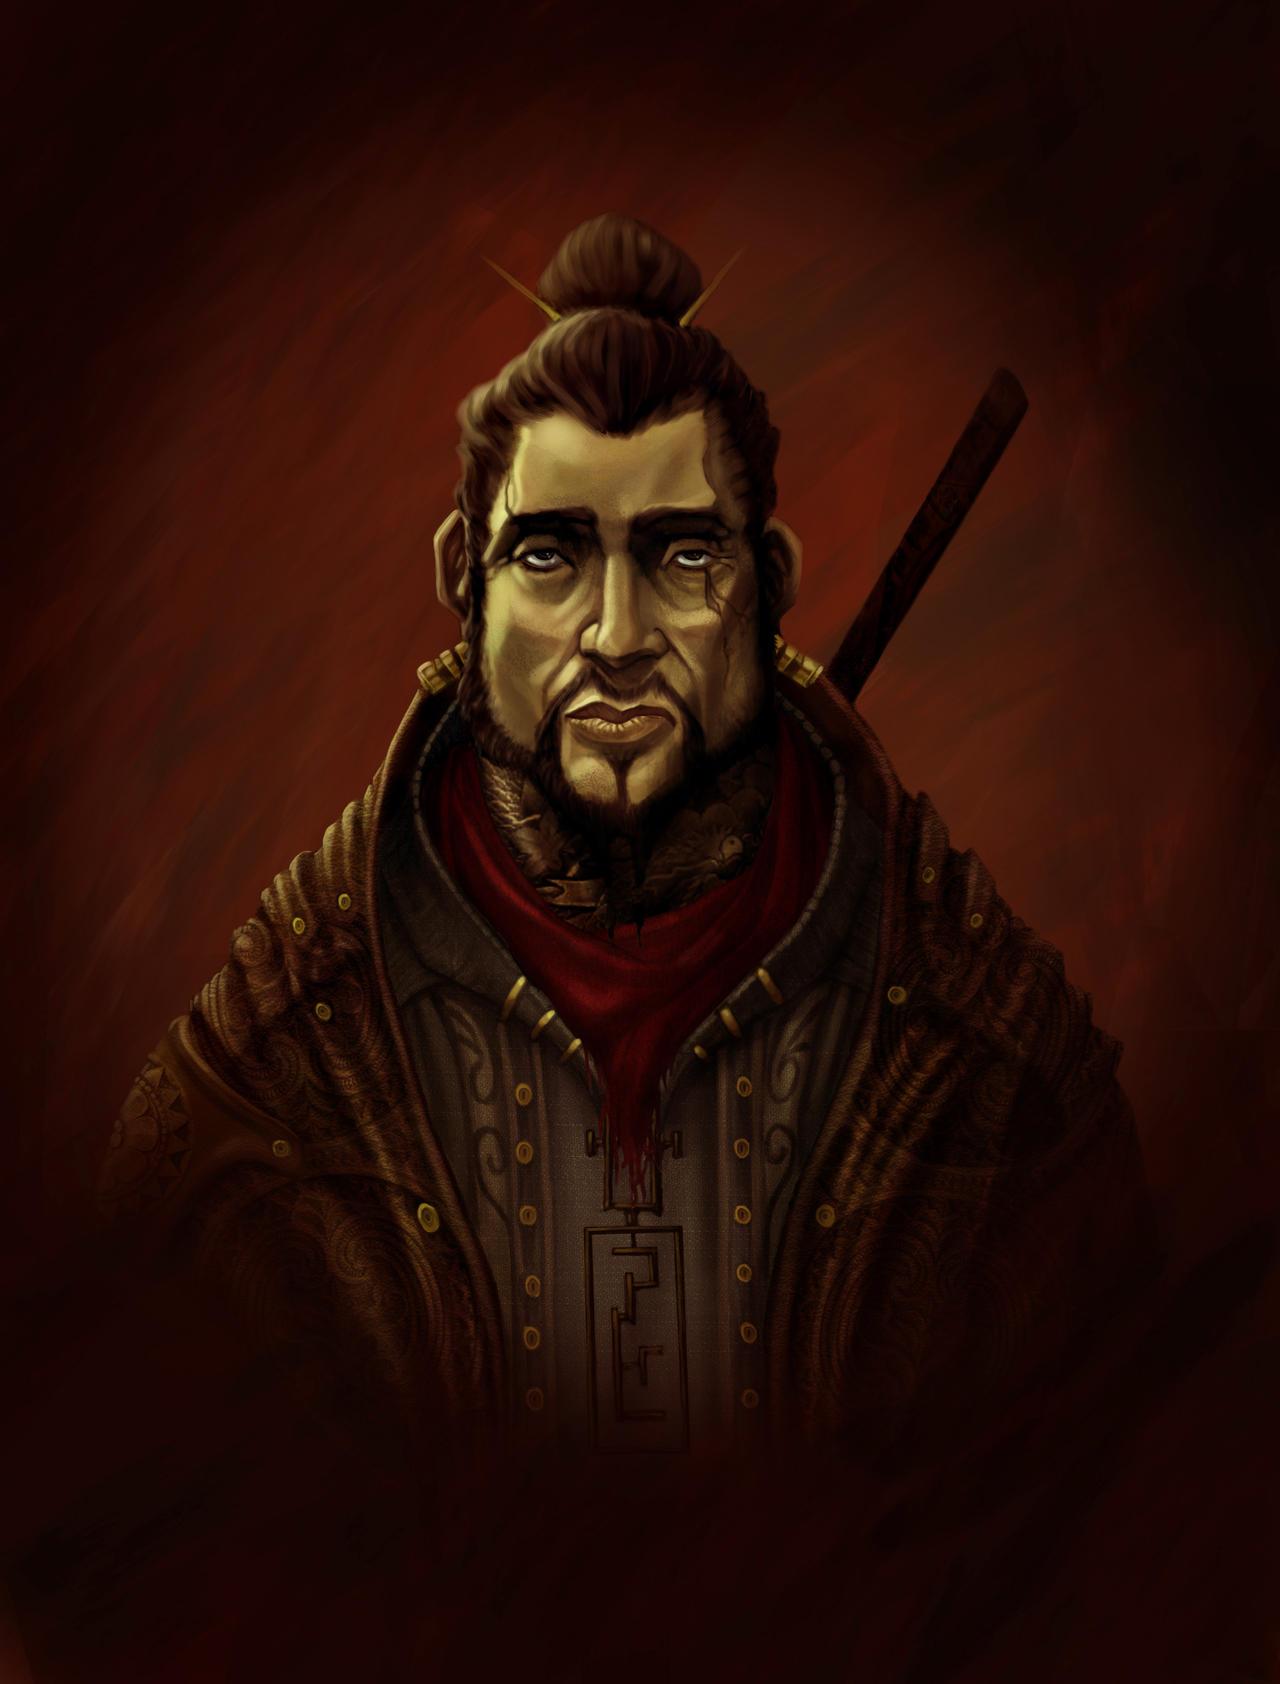 eastern warrior by BAELUS-JAN